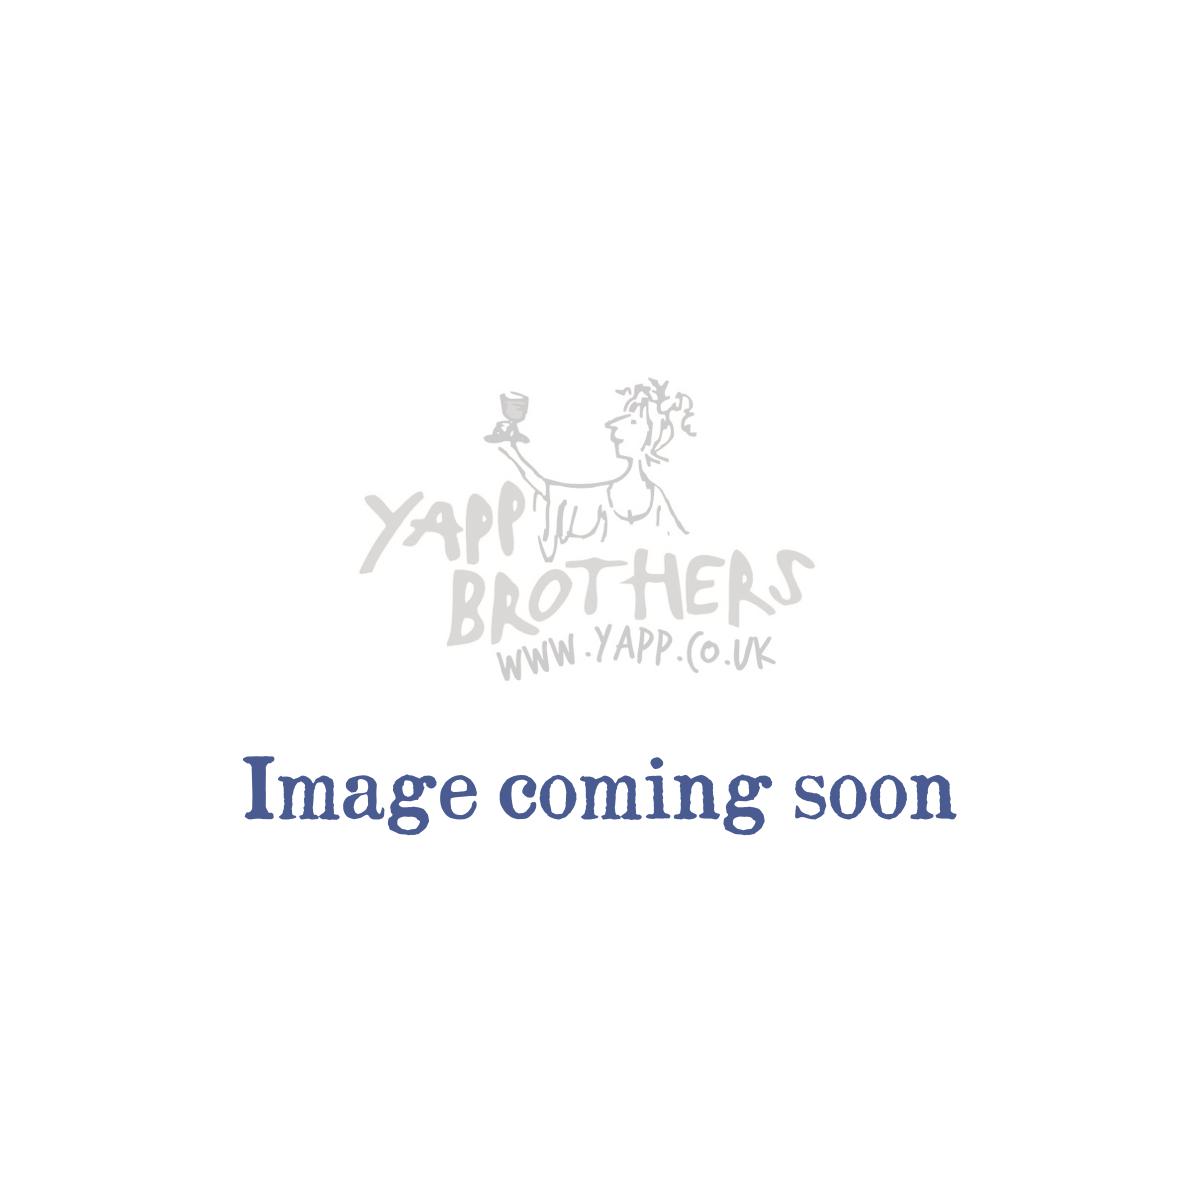 Château Simone Rouge 2018 - Bottle Rear Label